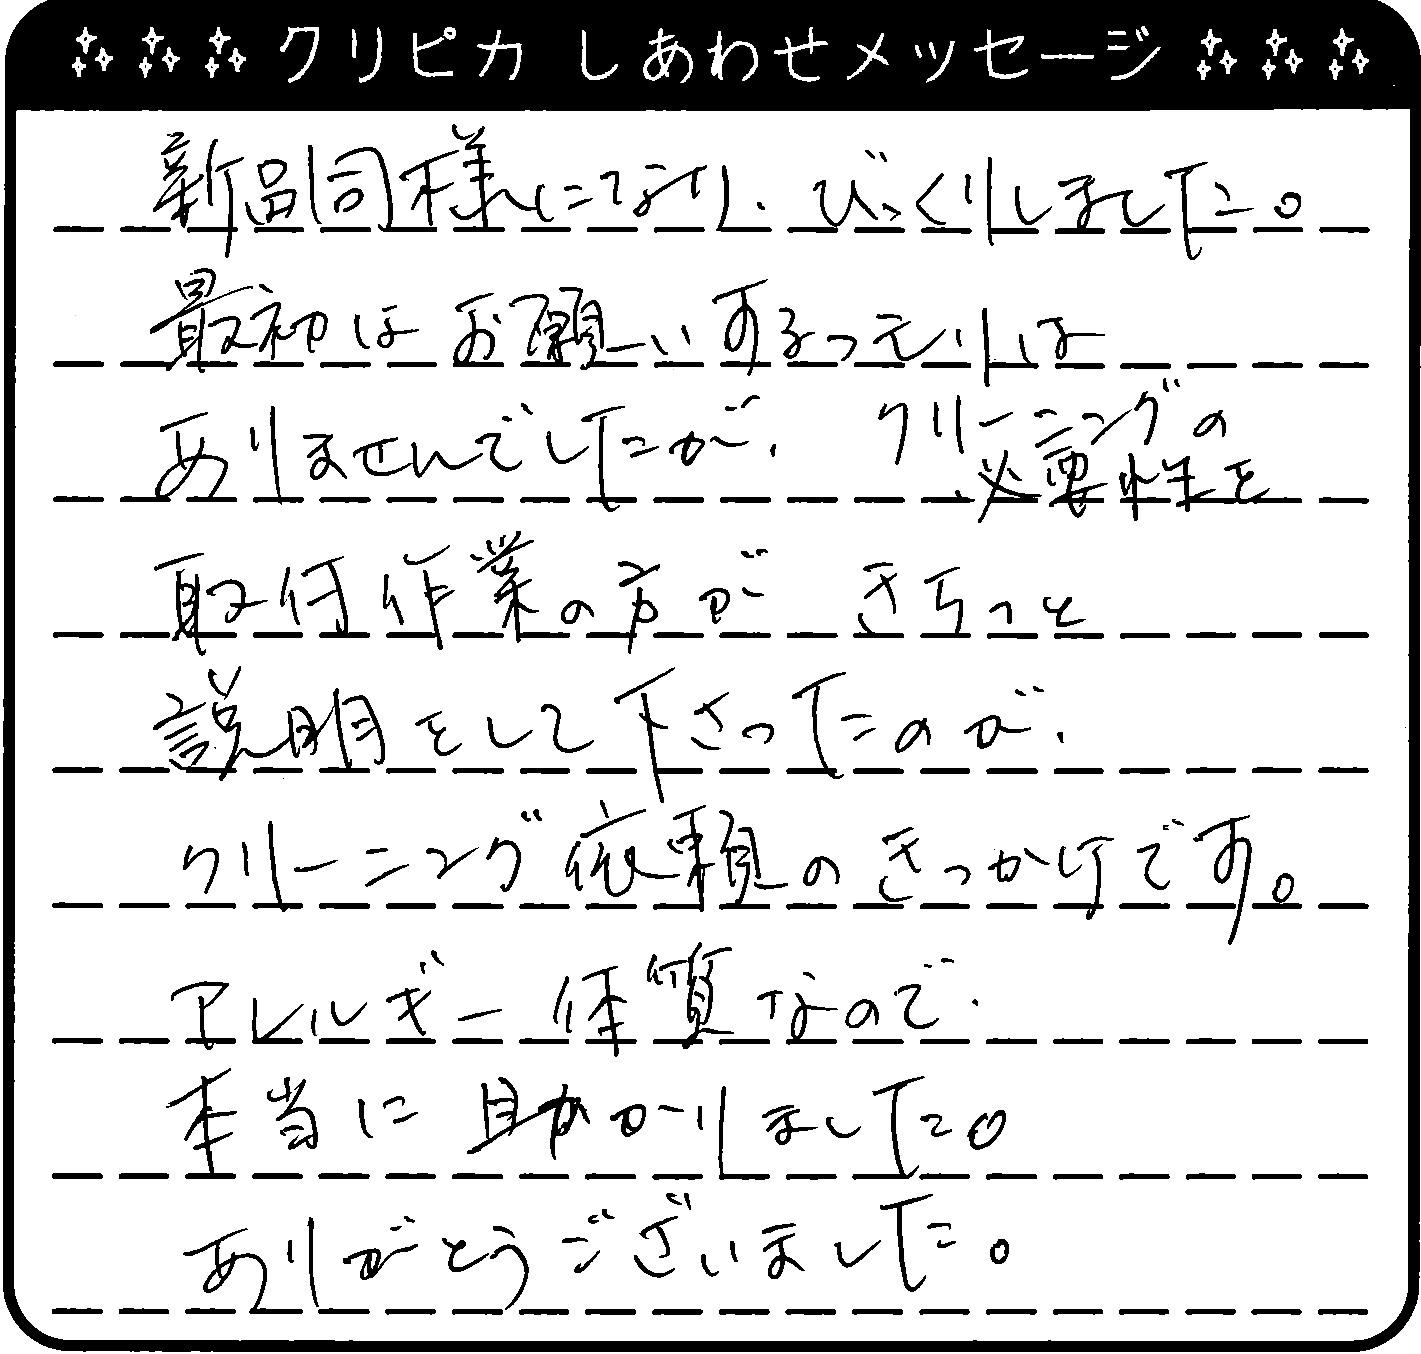 京都府 K様からのしあわせメッセージ